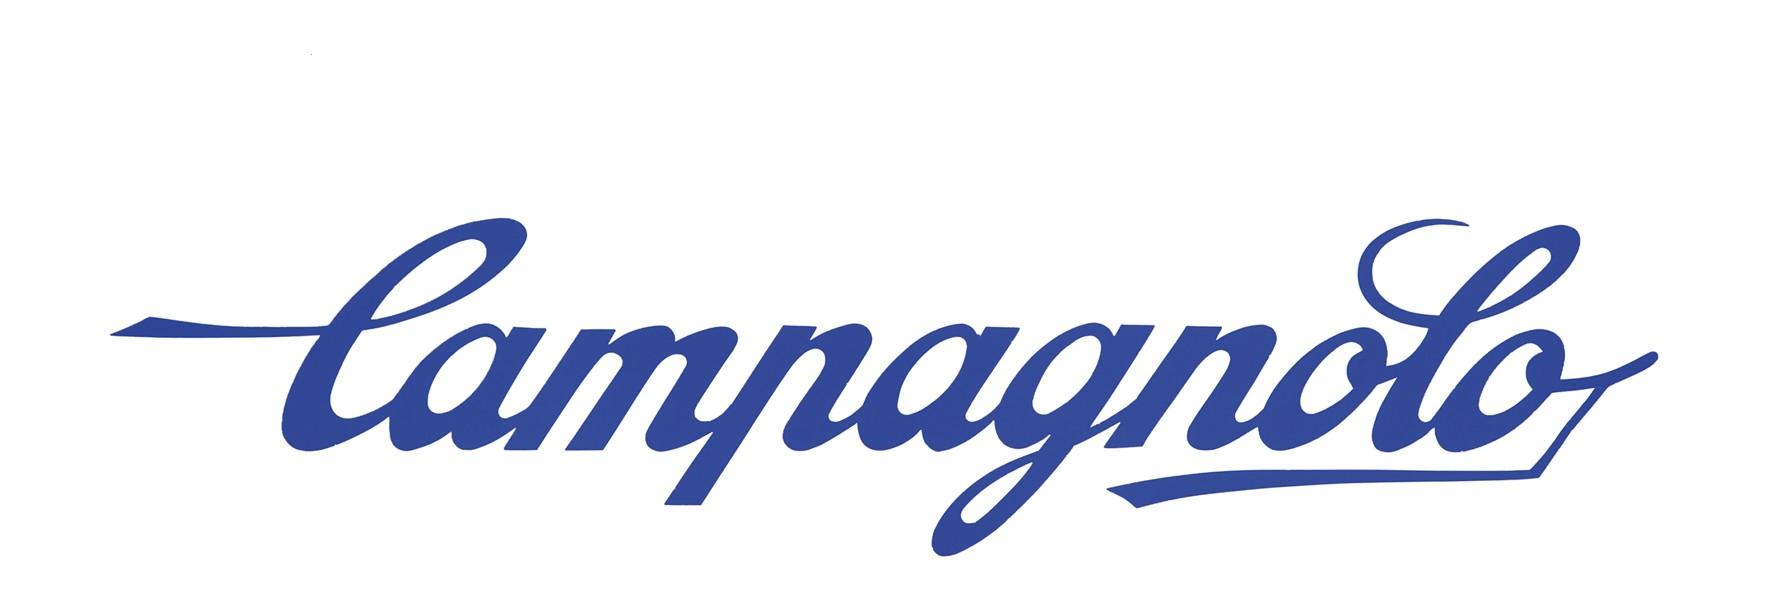 campagnolo_logo